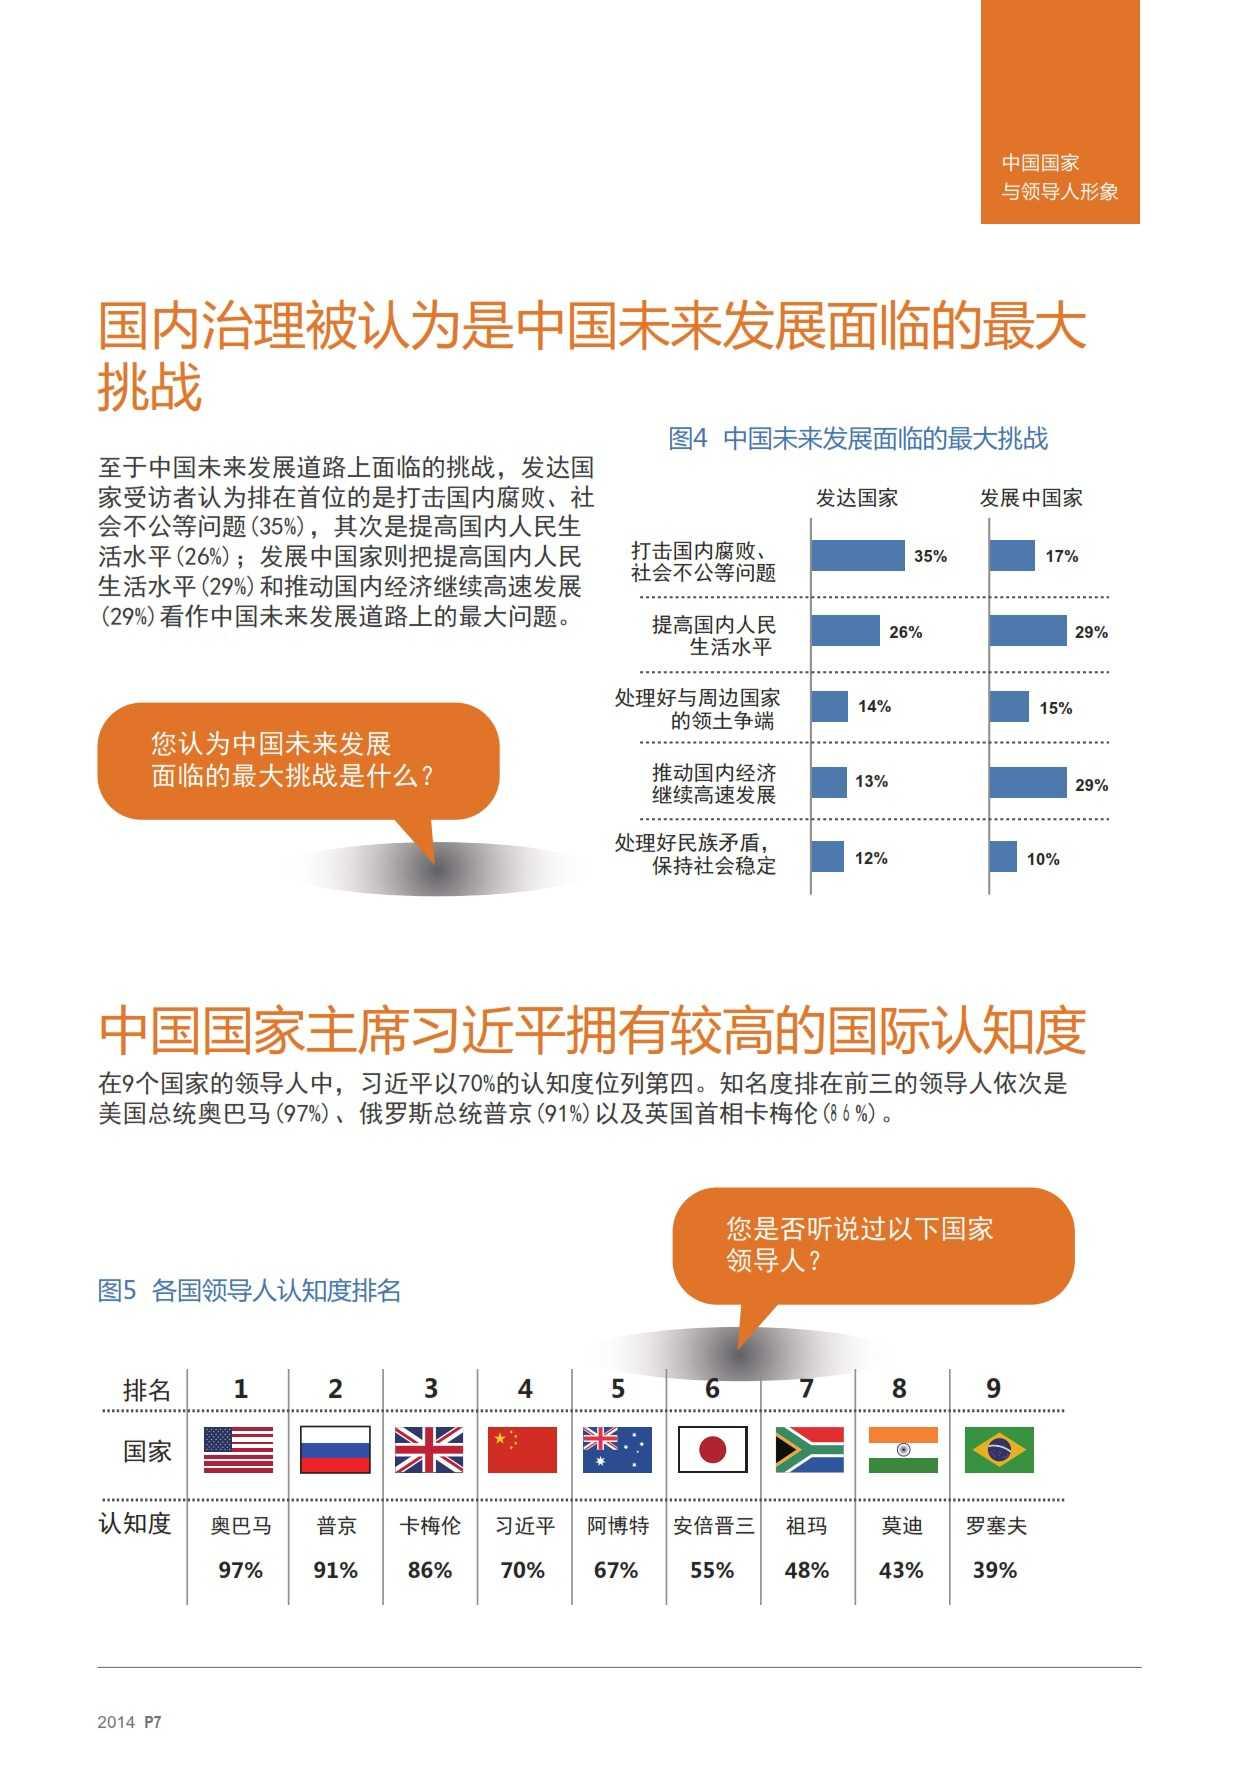 2014中国国家形象全球调查报告-v17_006